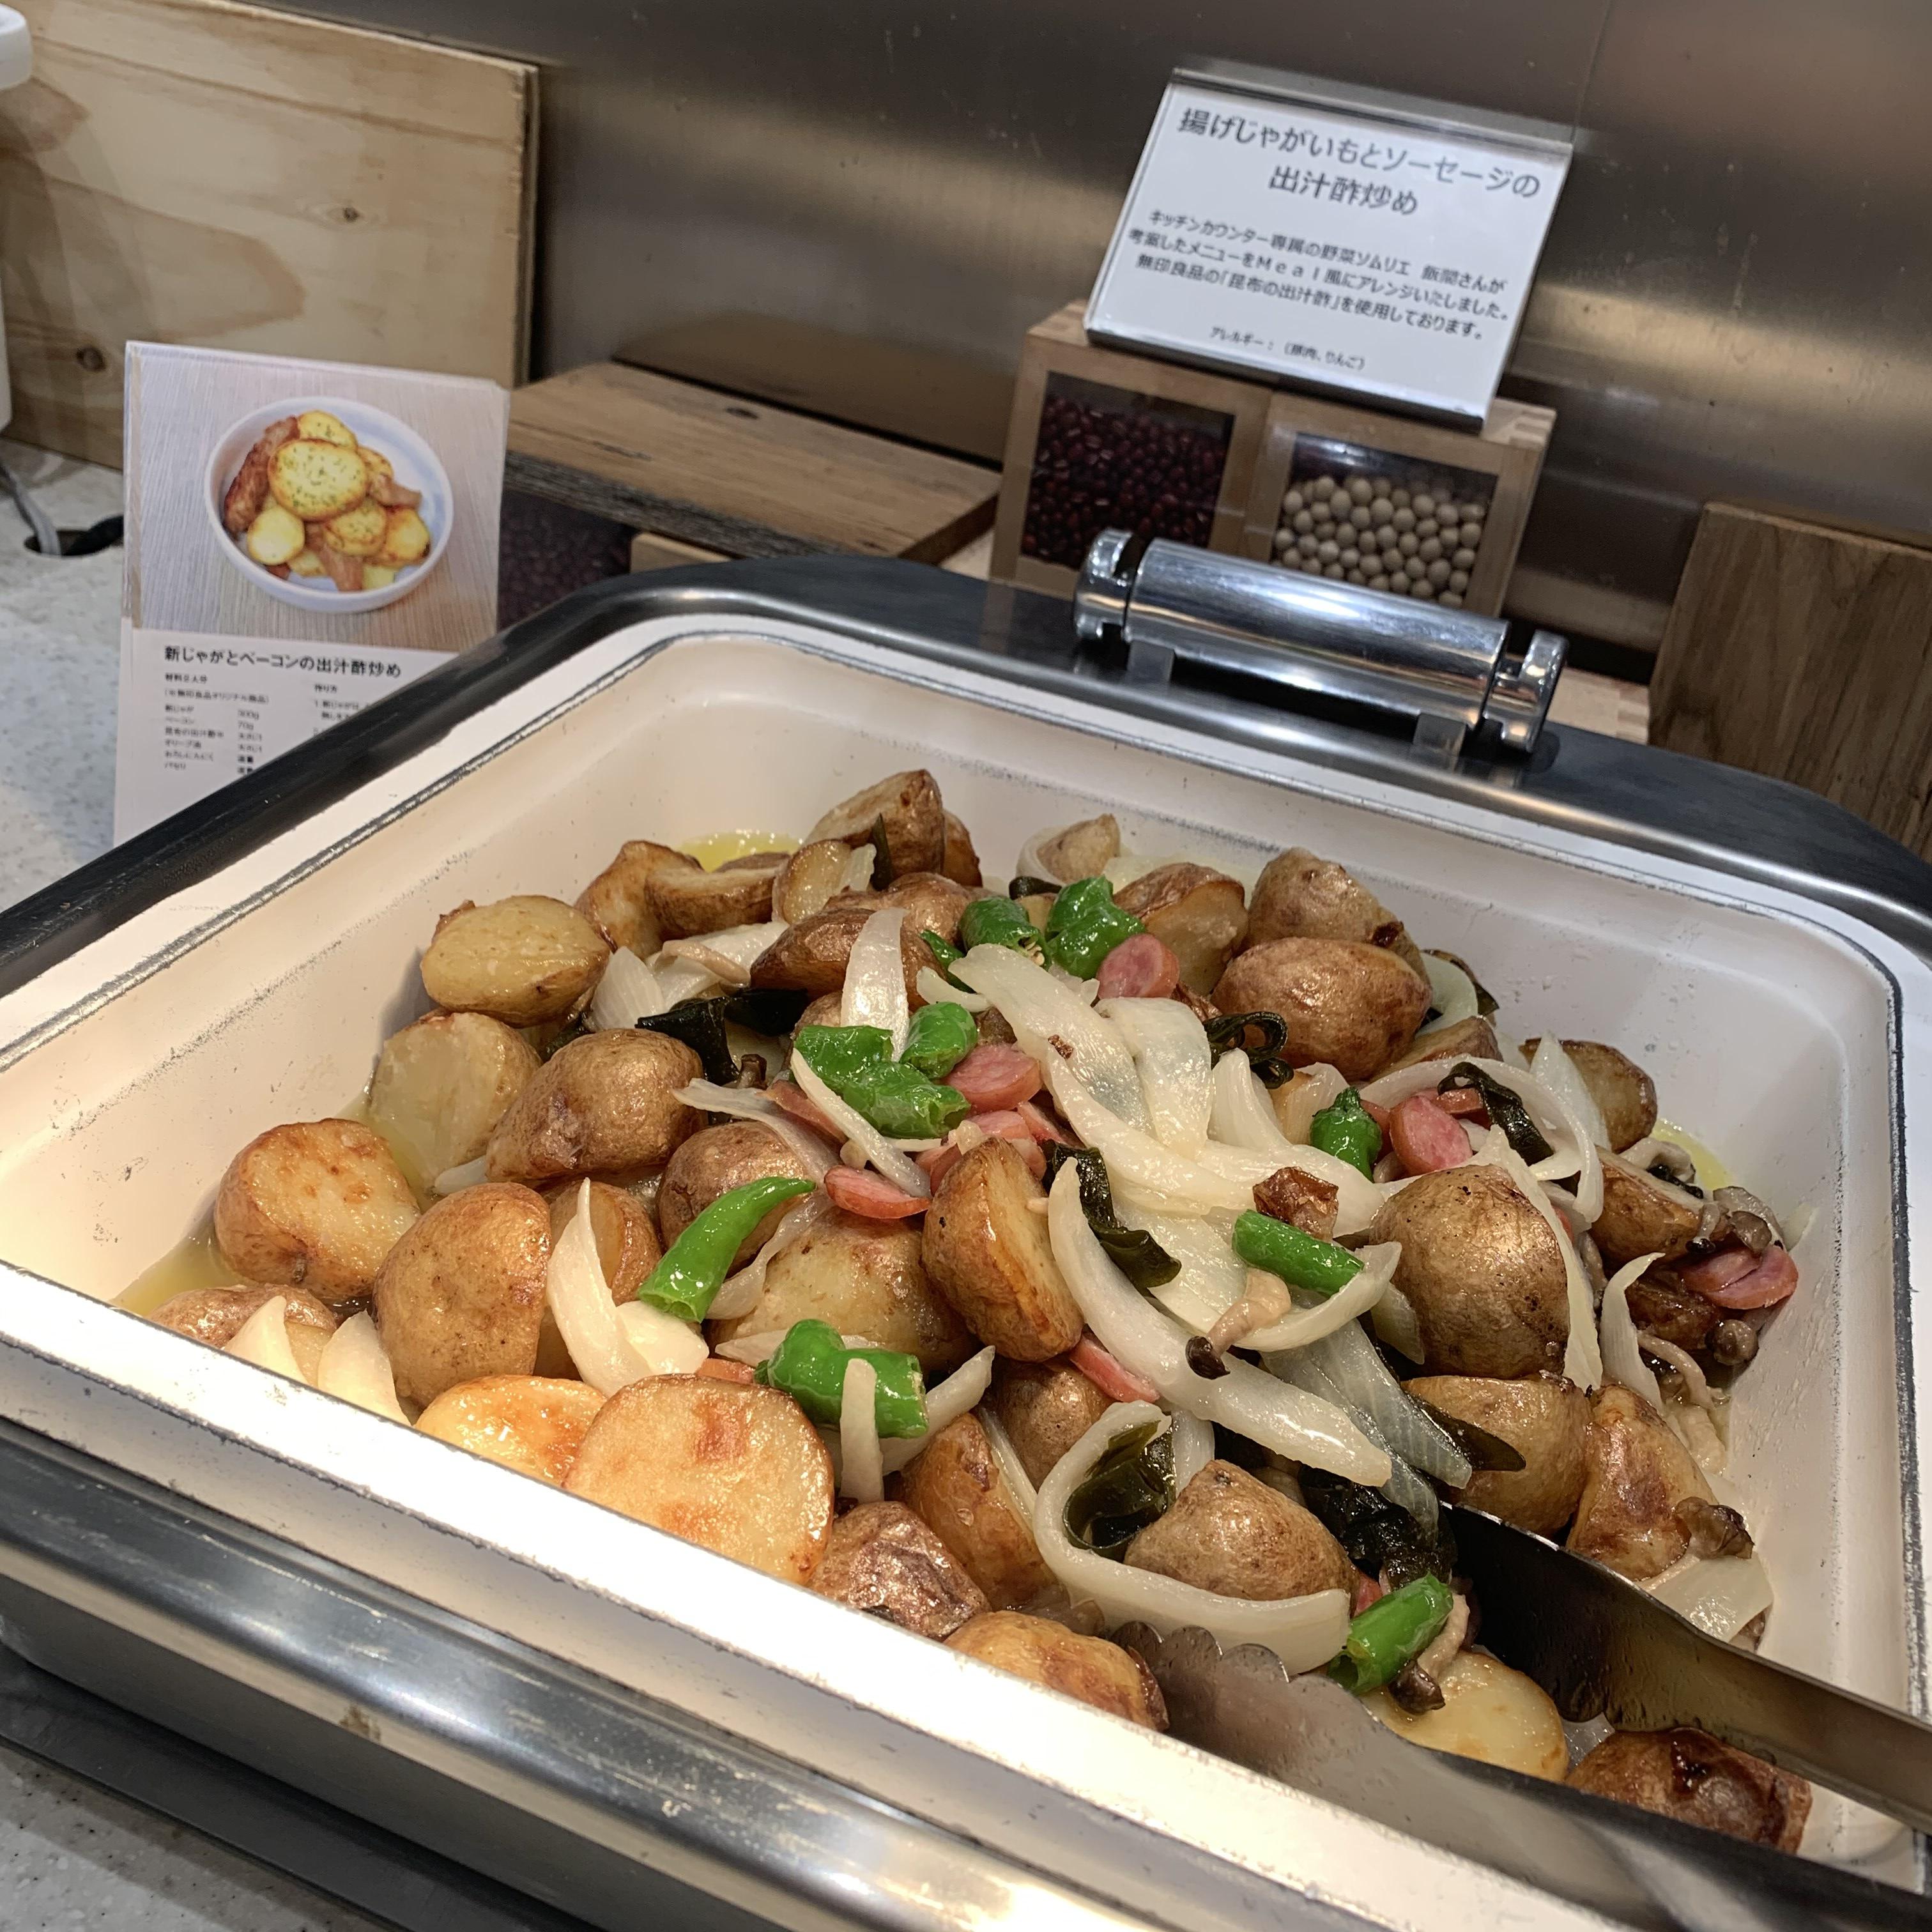 【堺北花田】Café&Meal MUJIの味をご家庭でも。『揚げじゃがいもの出汁酢炒め』|Café&Meal MUJI